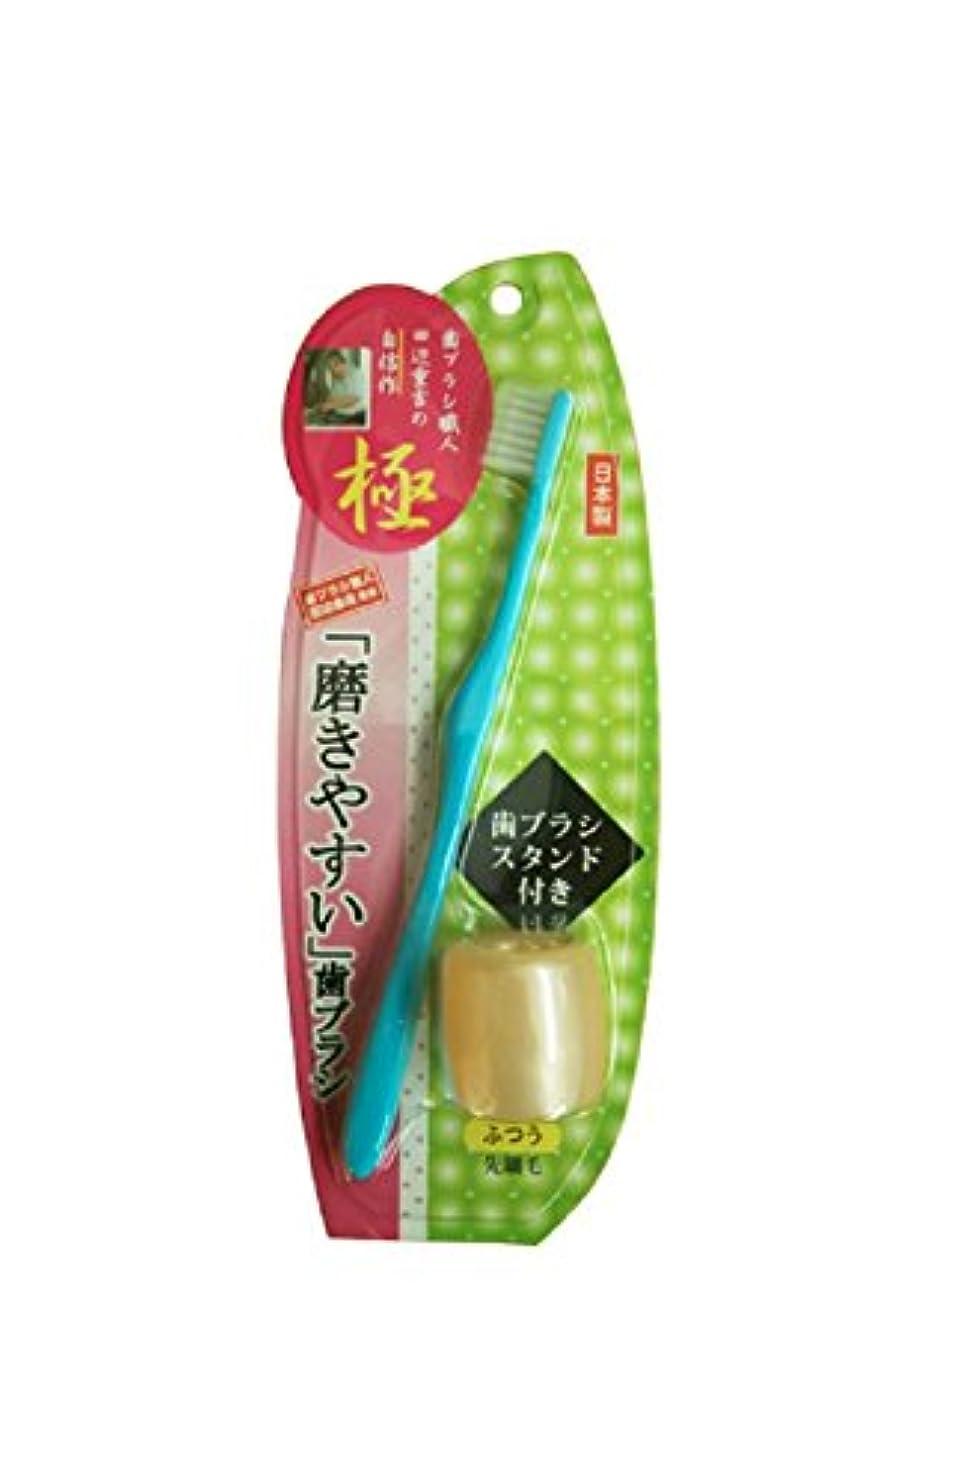 硬さ最後に加速度磨きやすい歯ブラシ極 先細毛 歯ブラシスタンド付 LT-23 ブルー